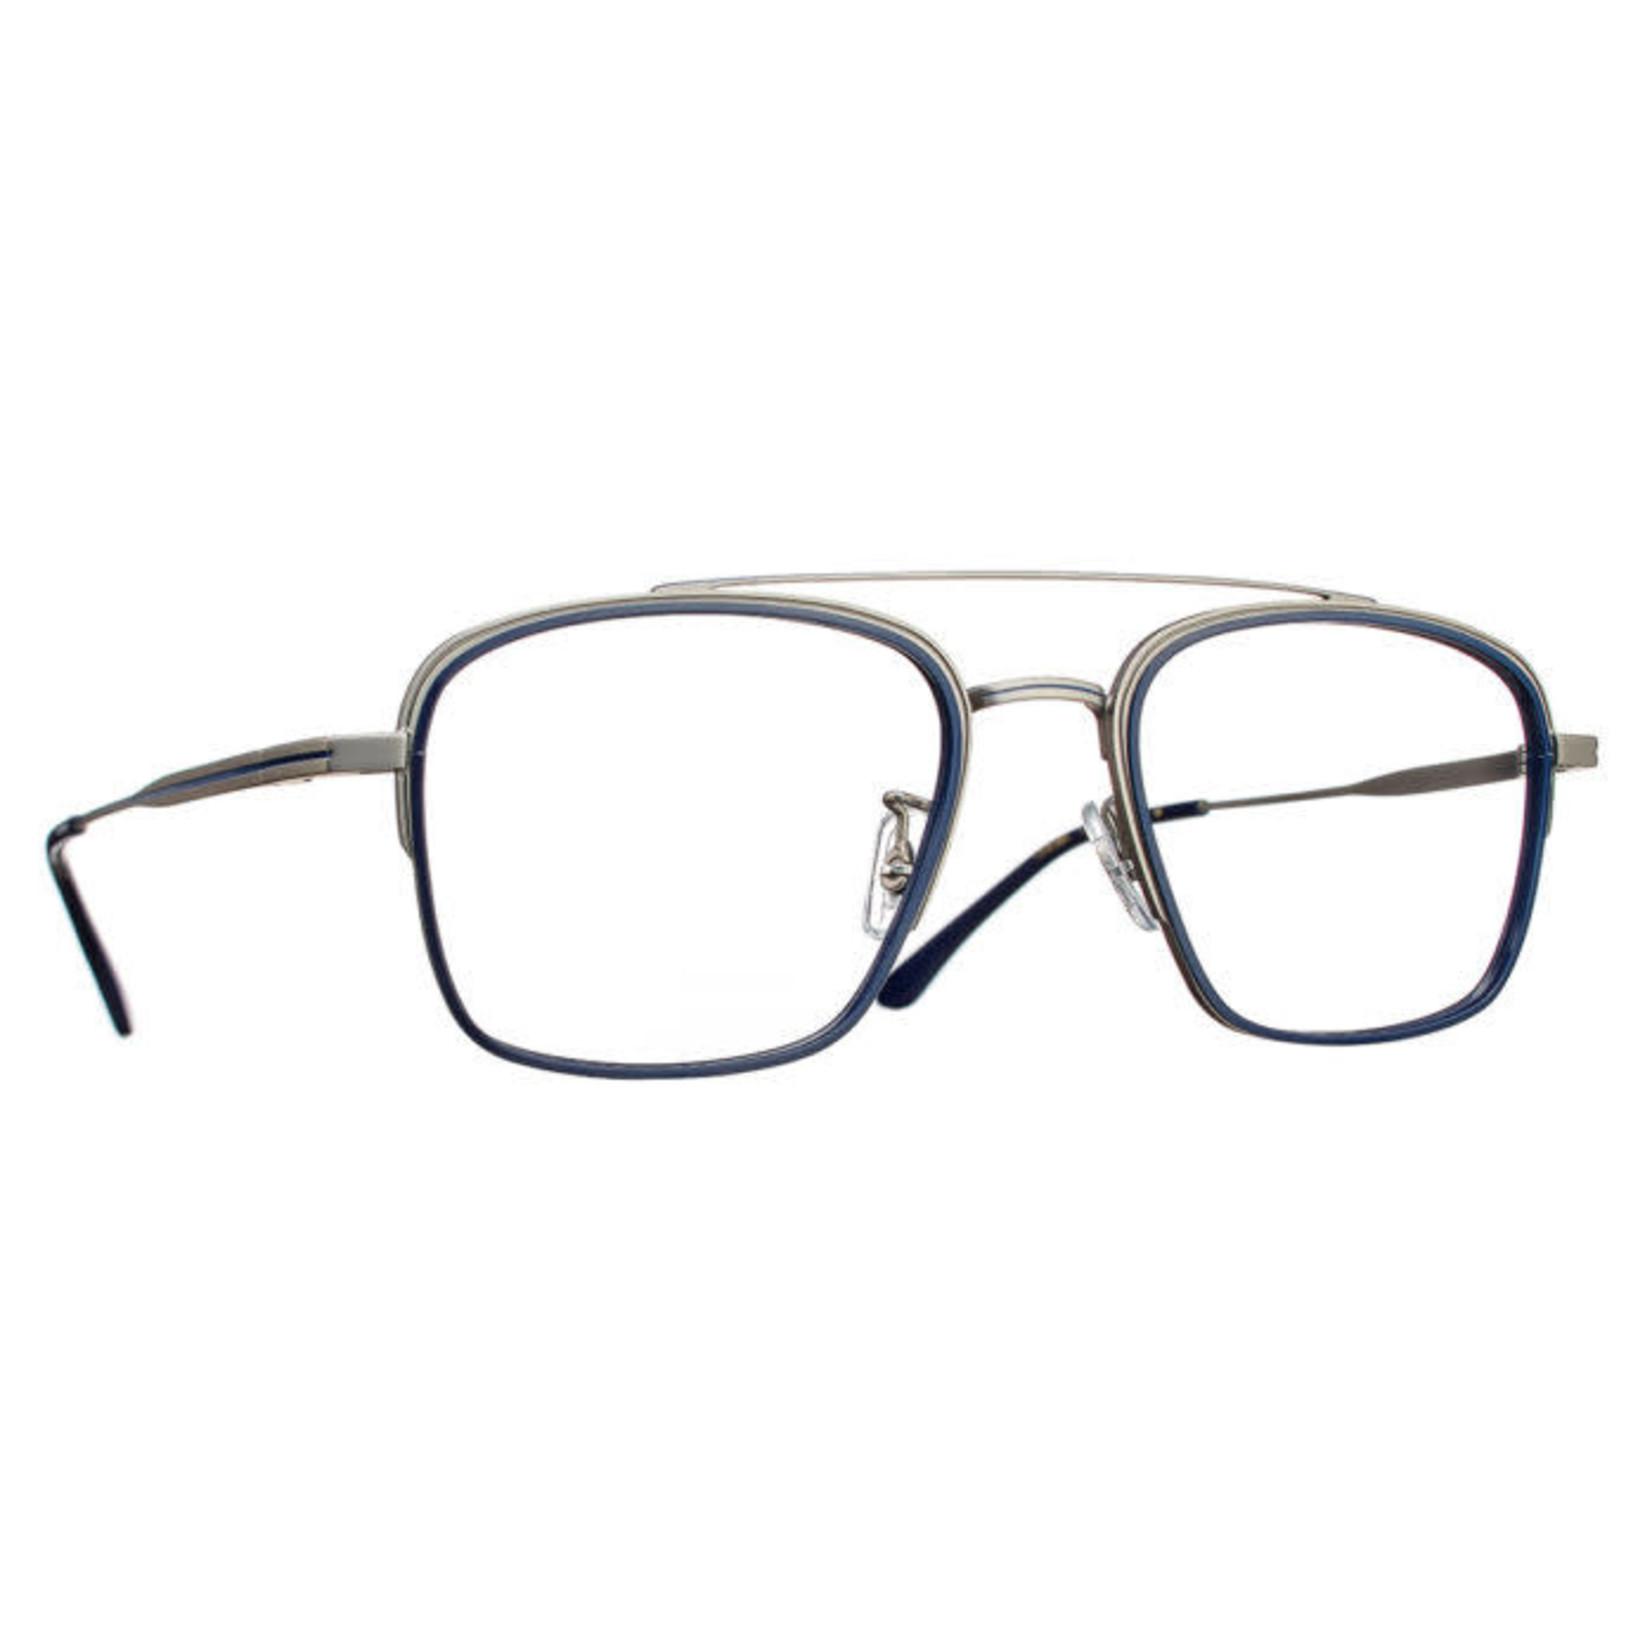 Talla Eyewear Talla Crema